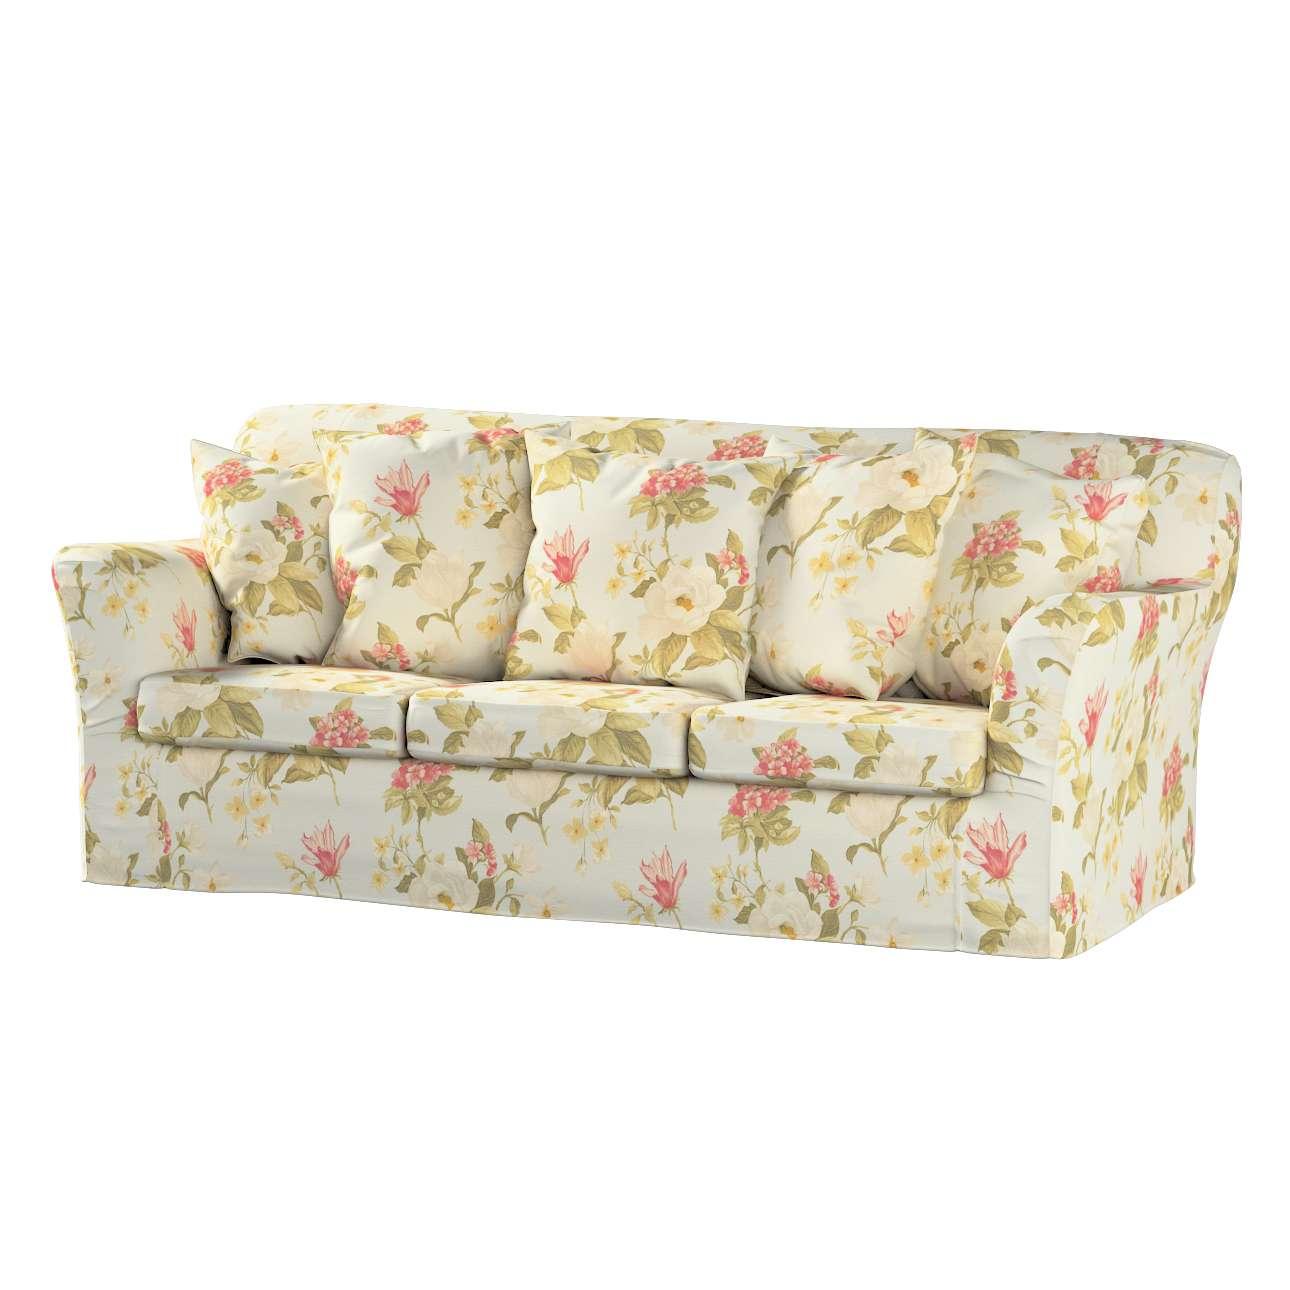 TOMELILLA  trivietės sofos užvalkalas TOMELILLA trivietė sofa kolekcijoje Londres, audinys: 123-65